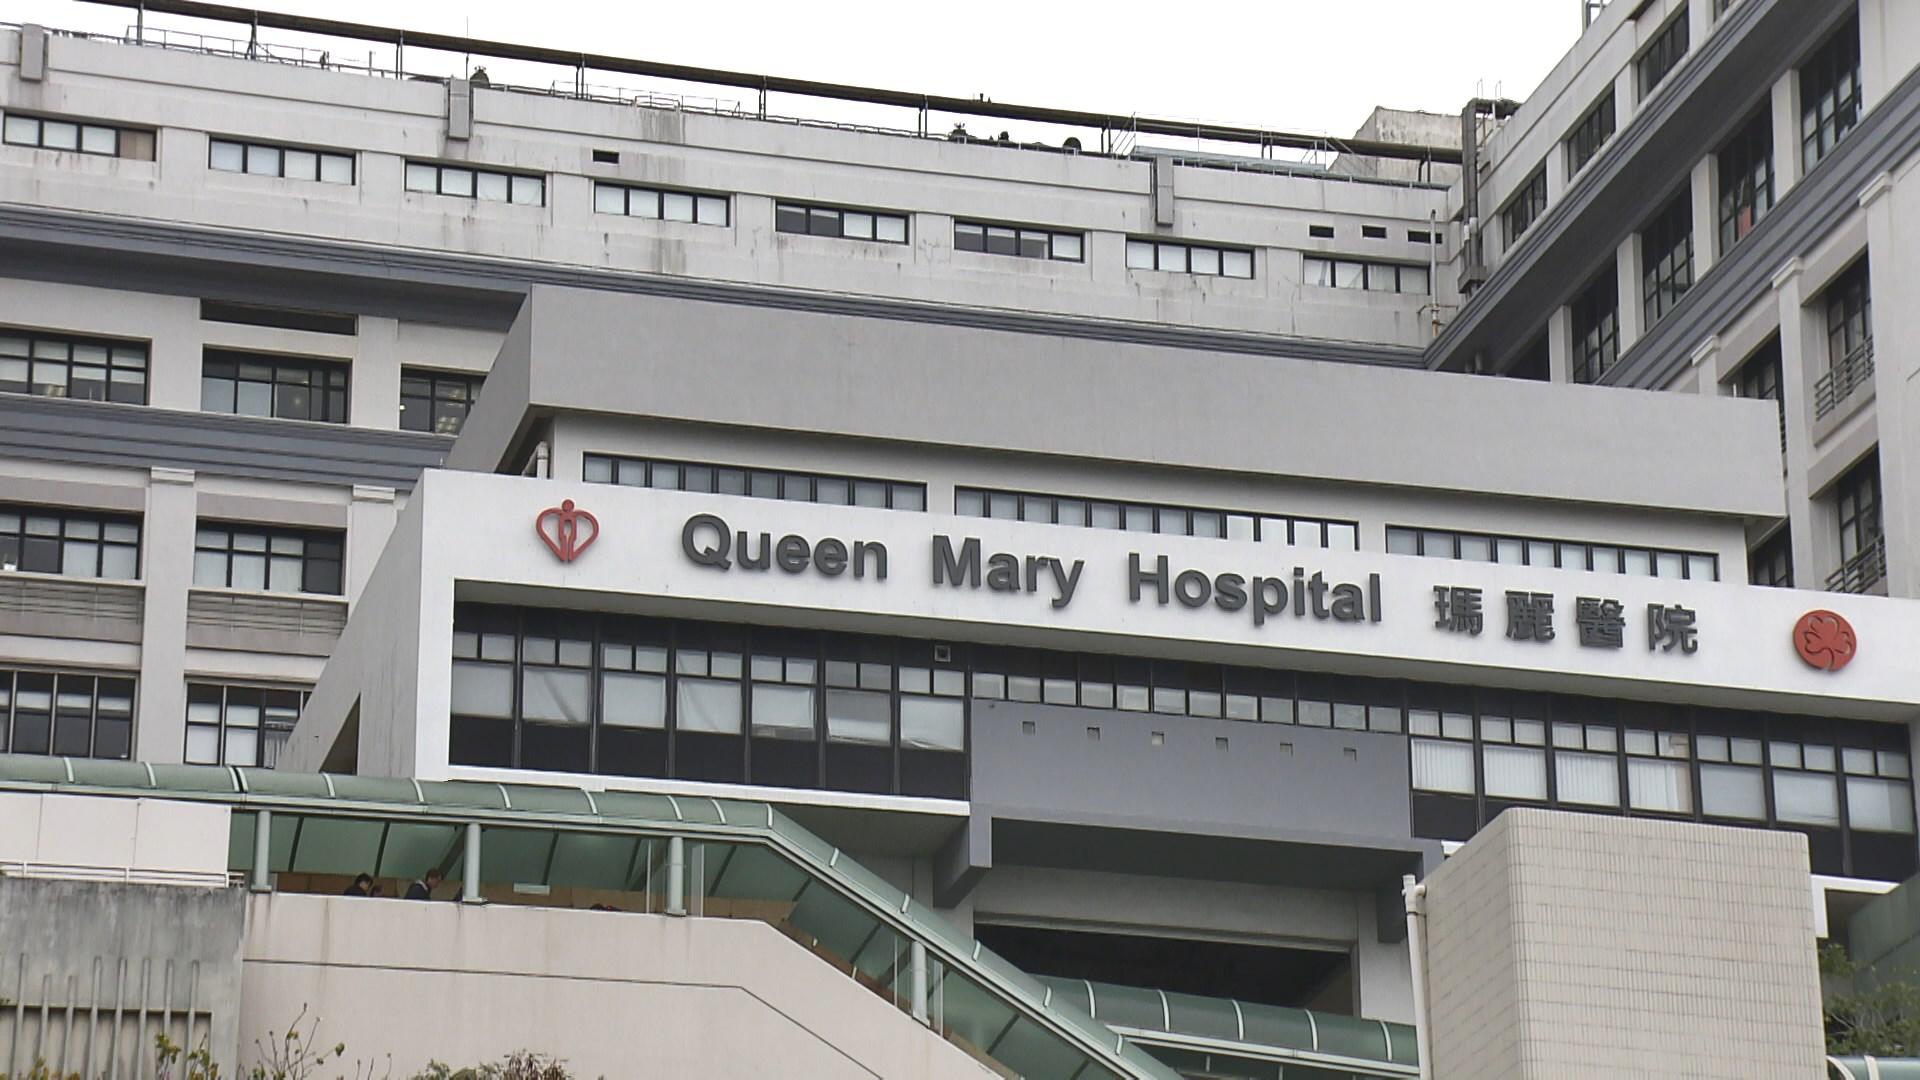 瑪麗醫院男實習醫生涉嫌偷拍被捕